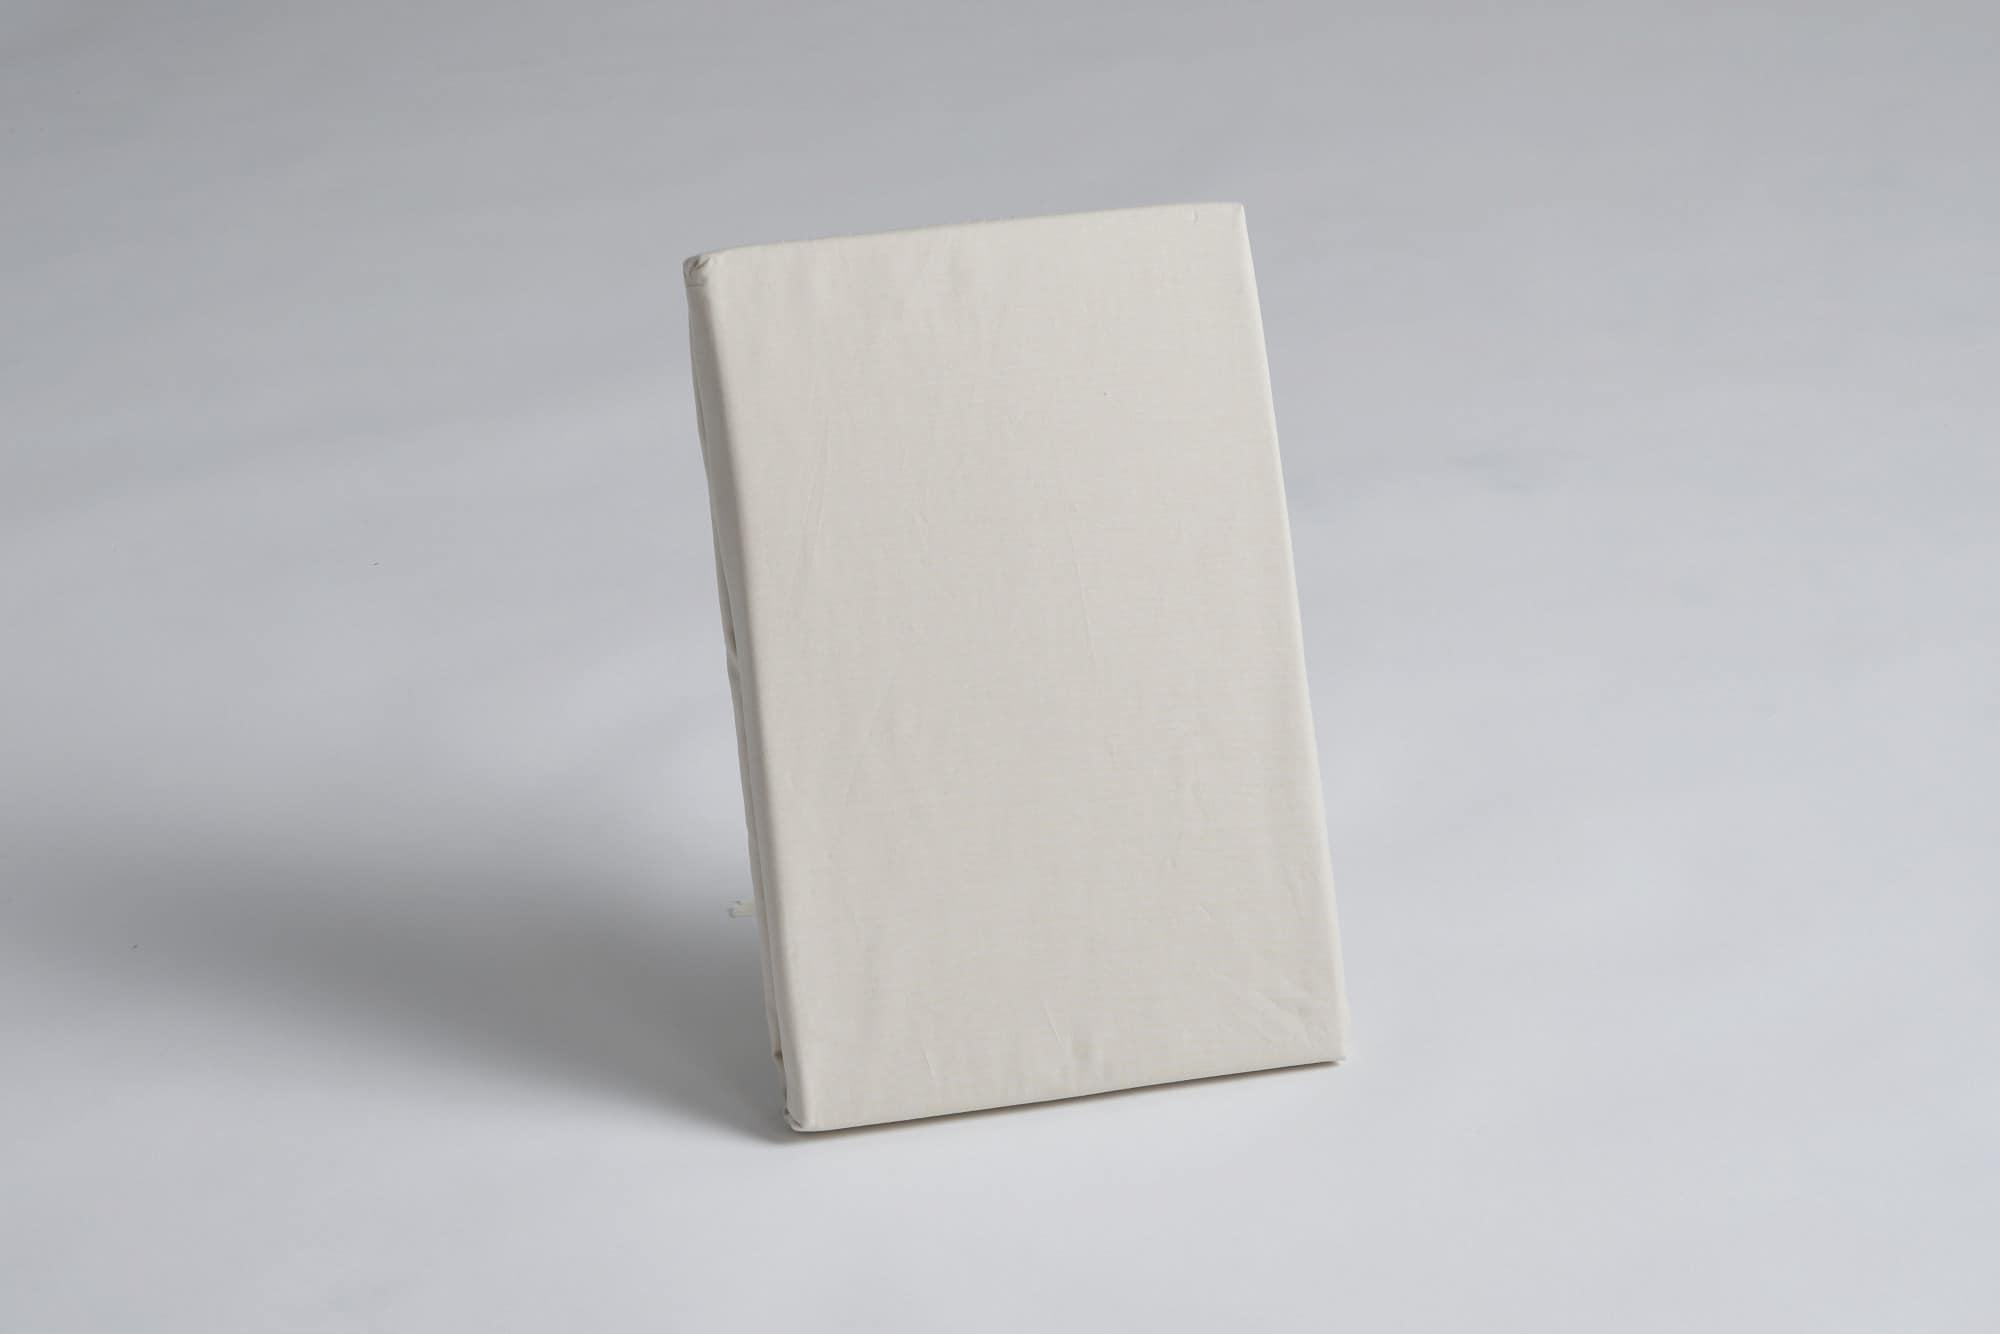 ボックスシーツ クイーン2用 45H ナチュラル:《綿100%を使用したボックスシーツ》